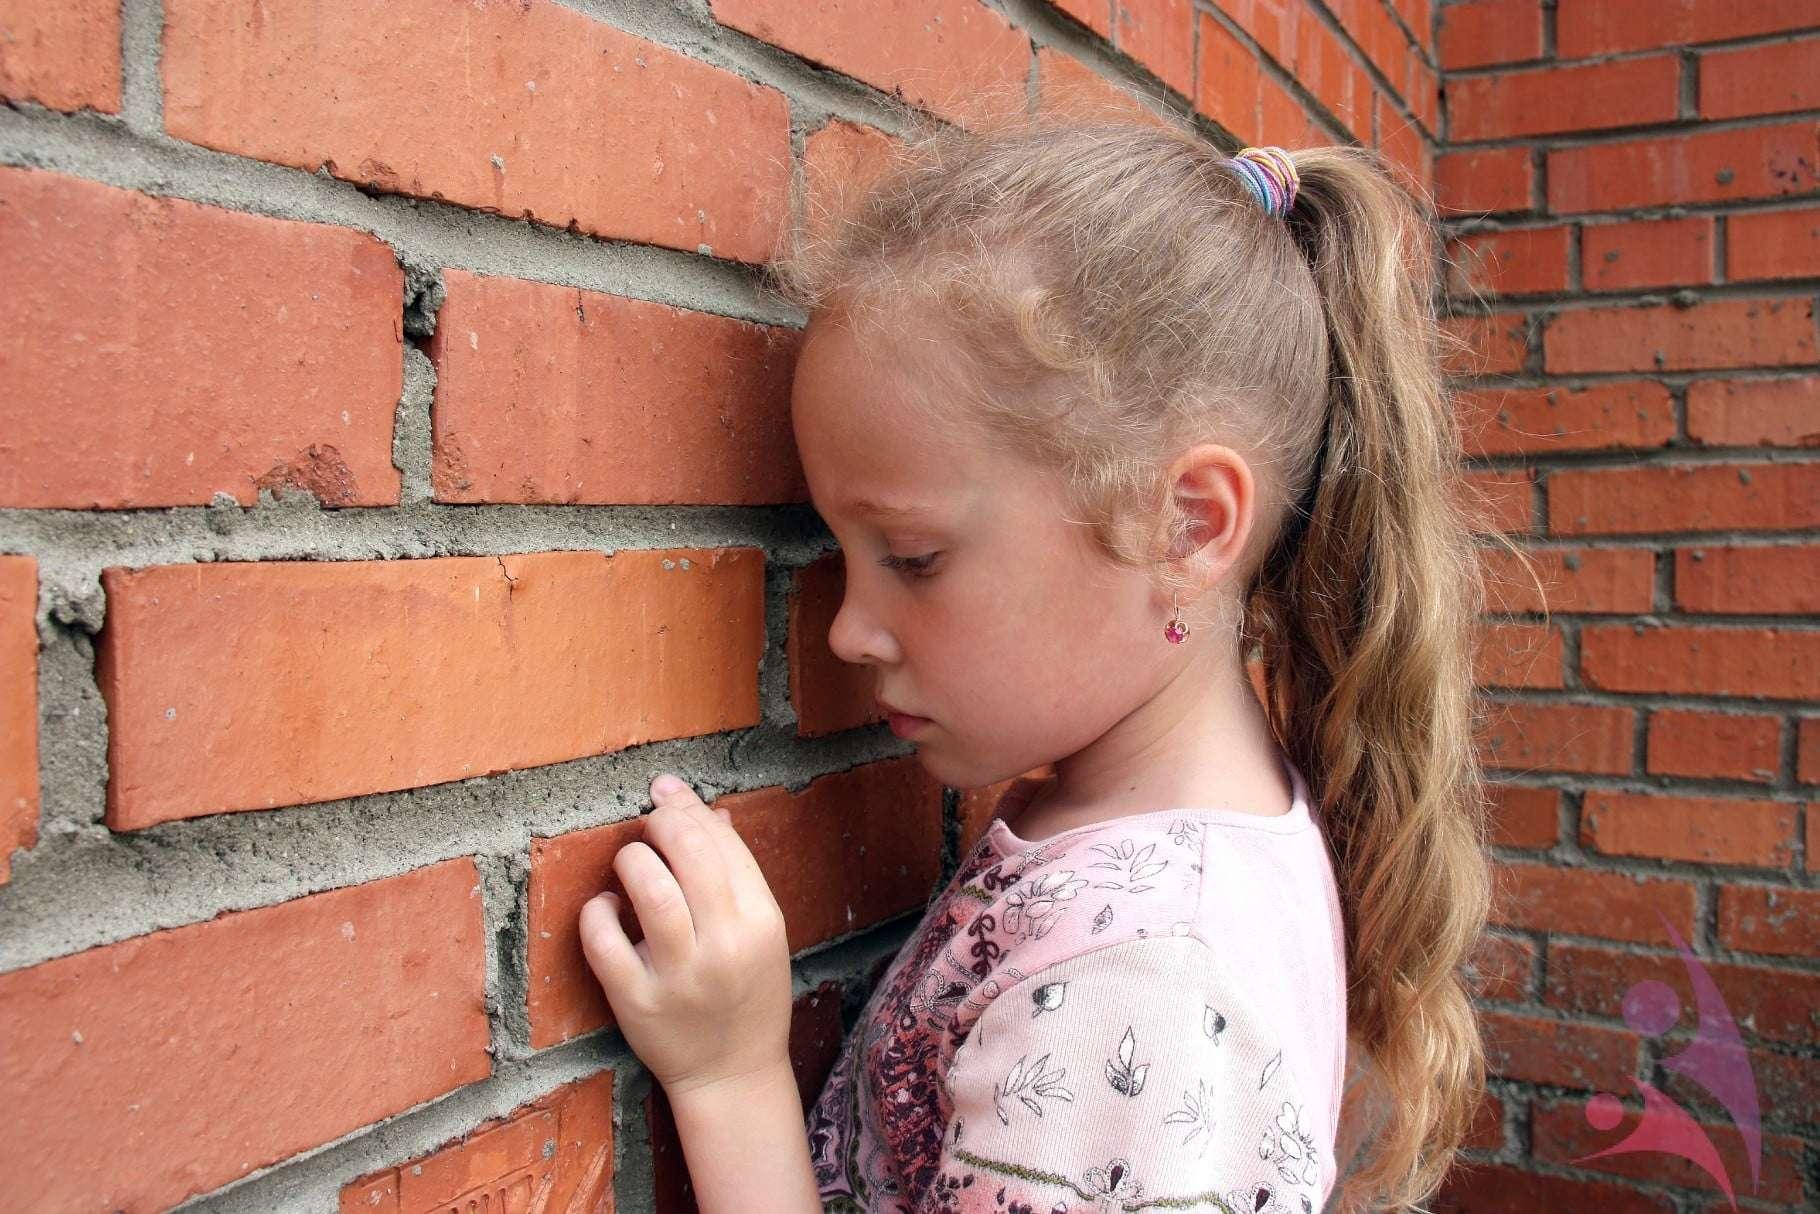 Çocuk depresyonu belirtileri neledir